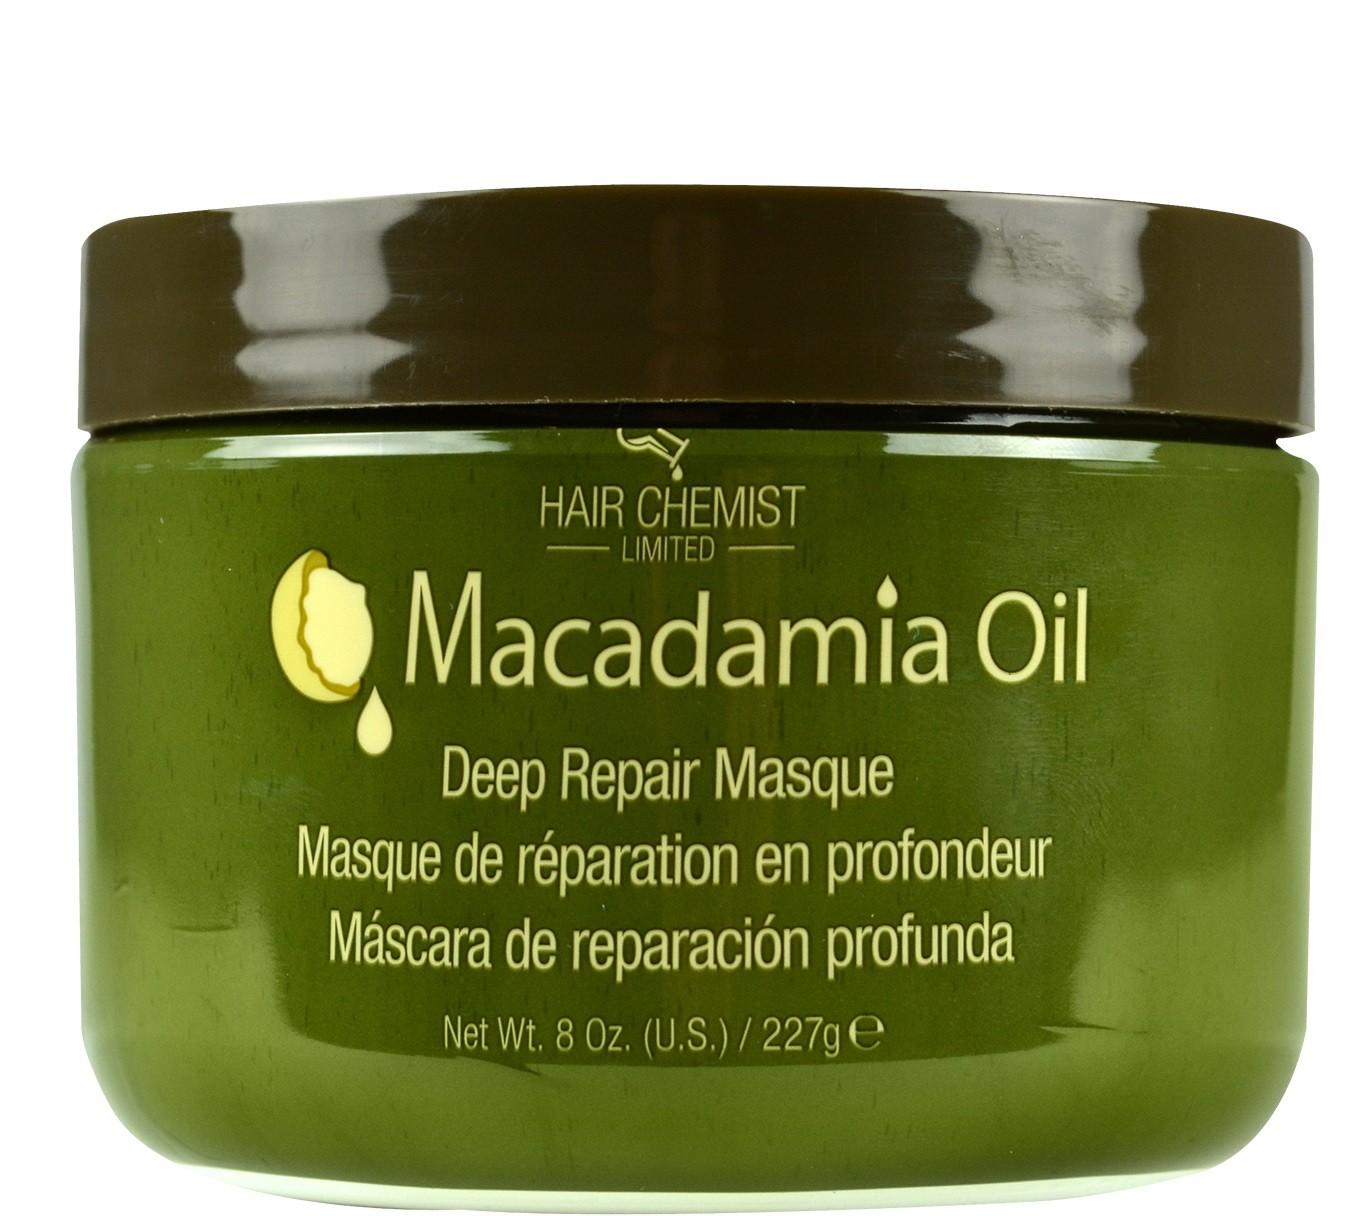 Hair Chemist Macadamia Oil  Deep Repair Masque - Masque de Réparation en Profondeur Pour Cheveux Sec ou Abîmés 227g